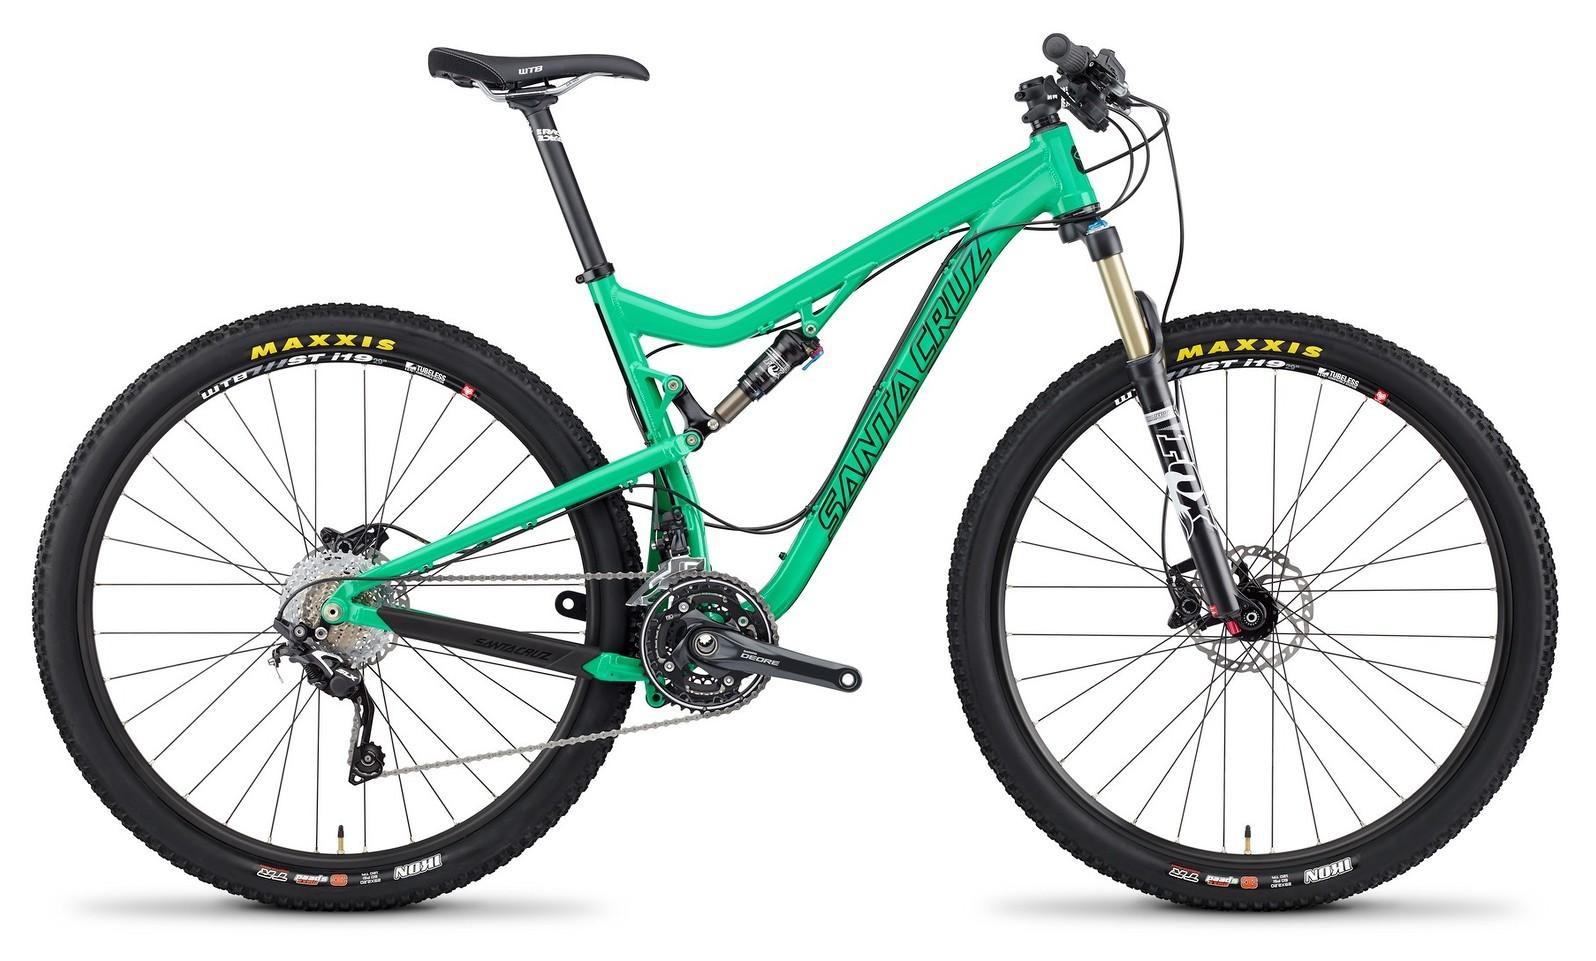 2014 Santa Cruz Tallboy 2 XTR XC 29 Bike TallBoy_profile_Alum_GRN